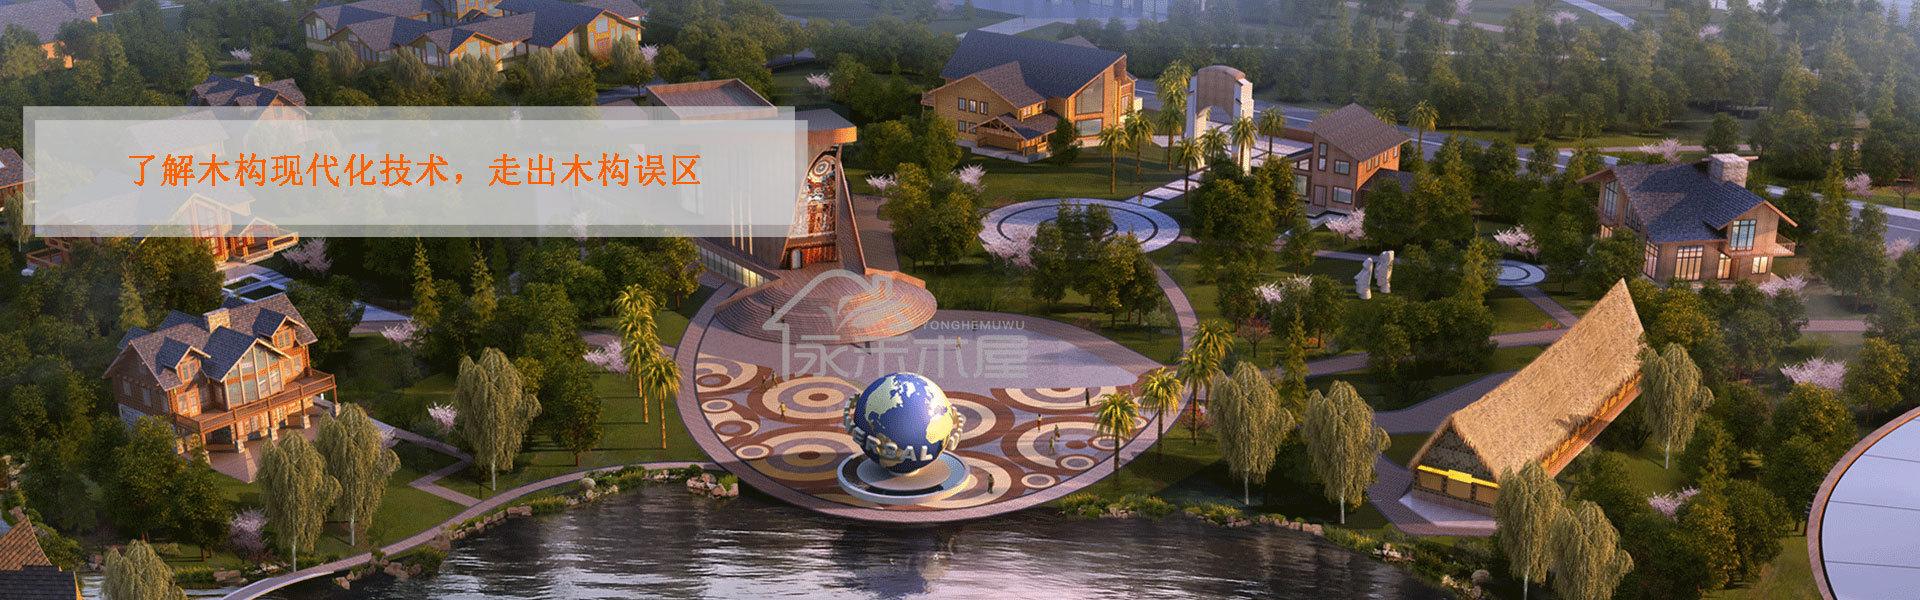 江西木屋项目美洲区木屋群鸟瞰图